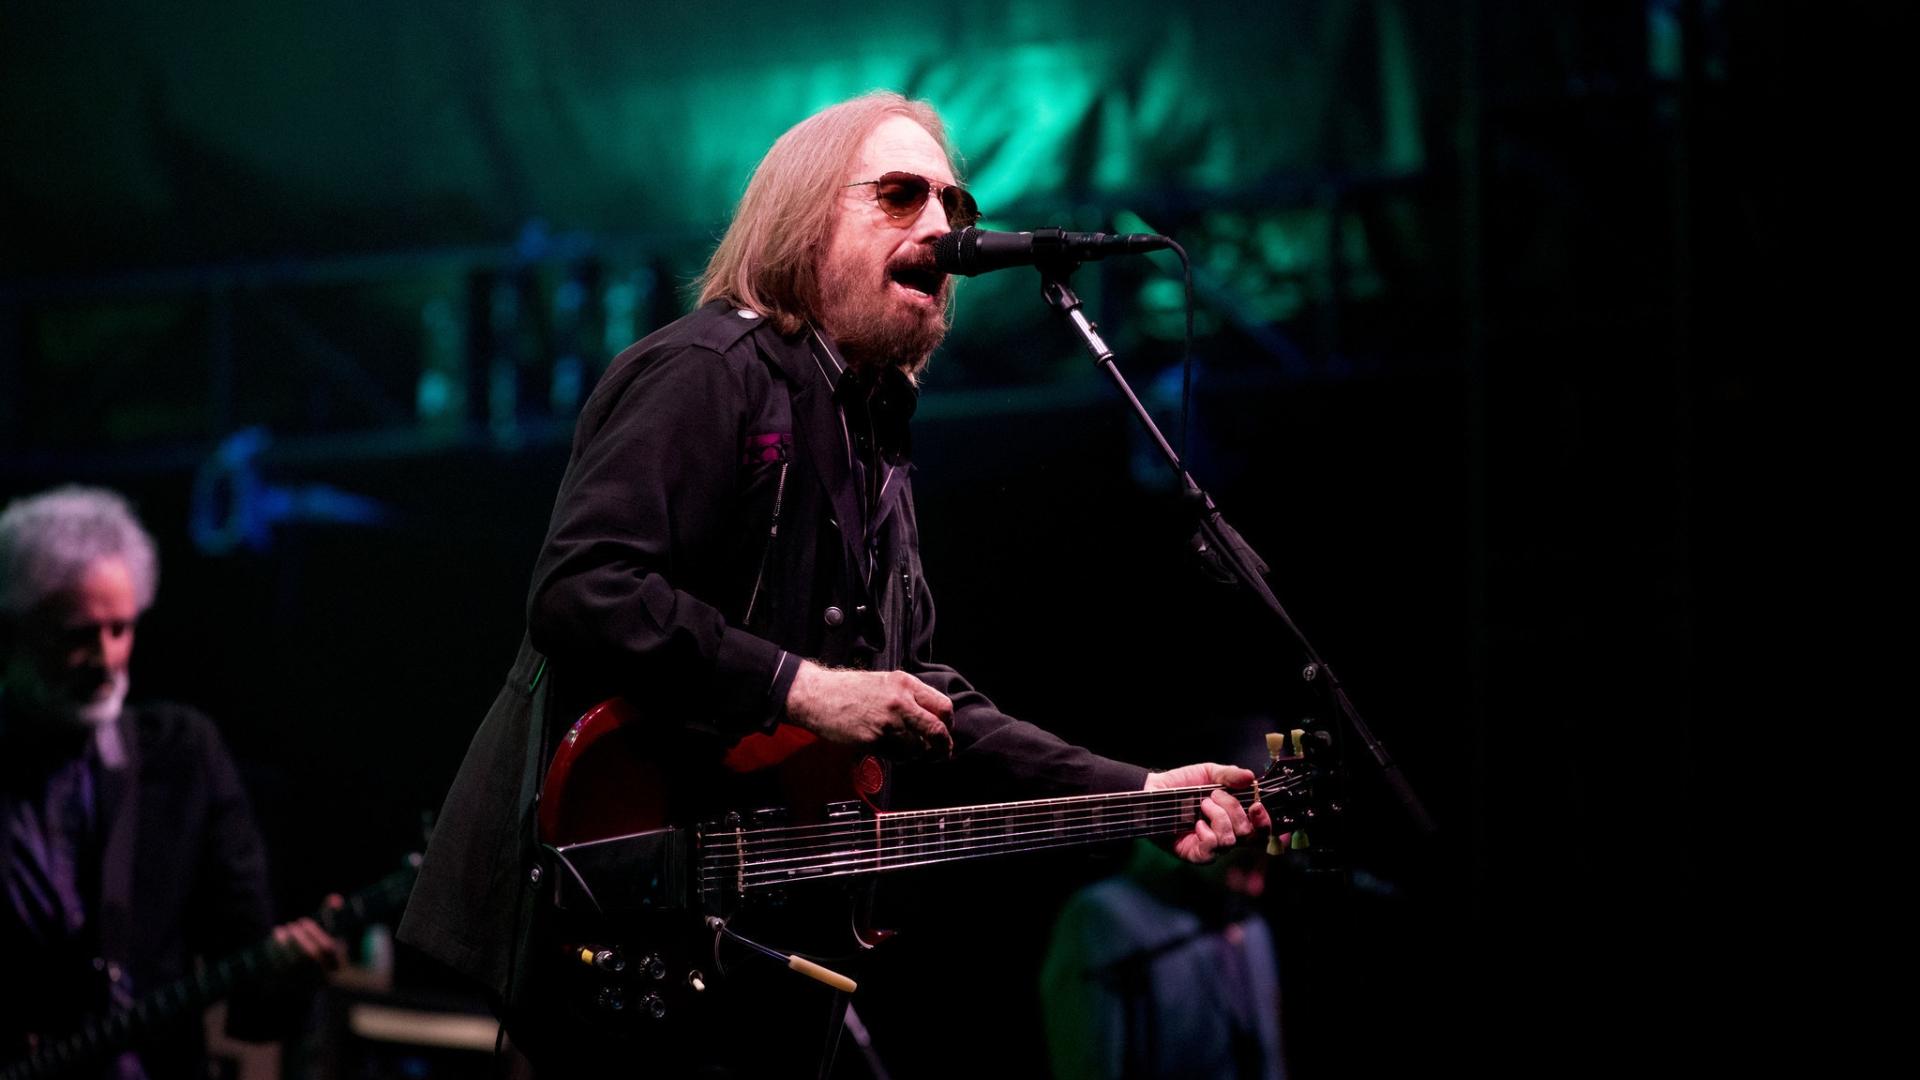 Tom Petty Heartbreakers Frontman Who Sang Breakdown Free